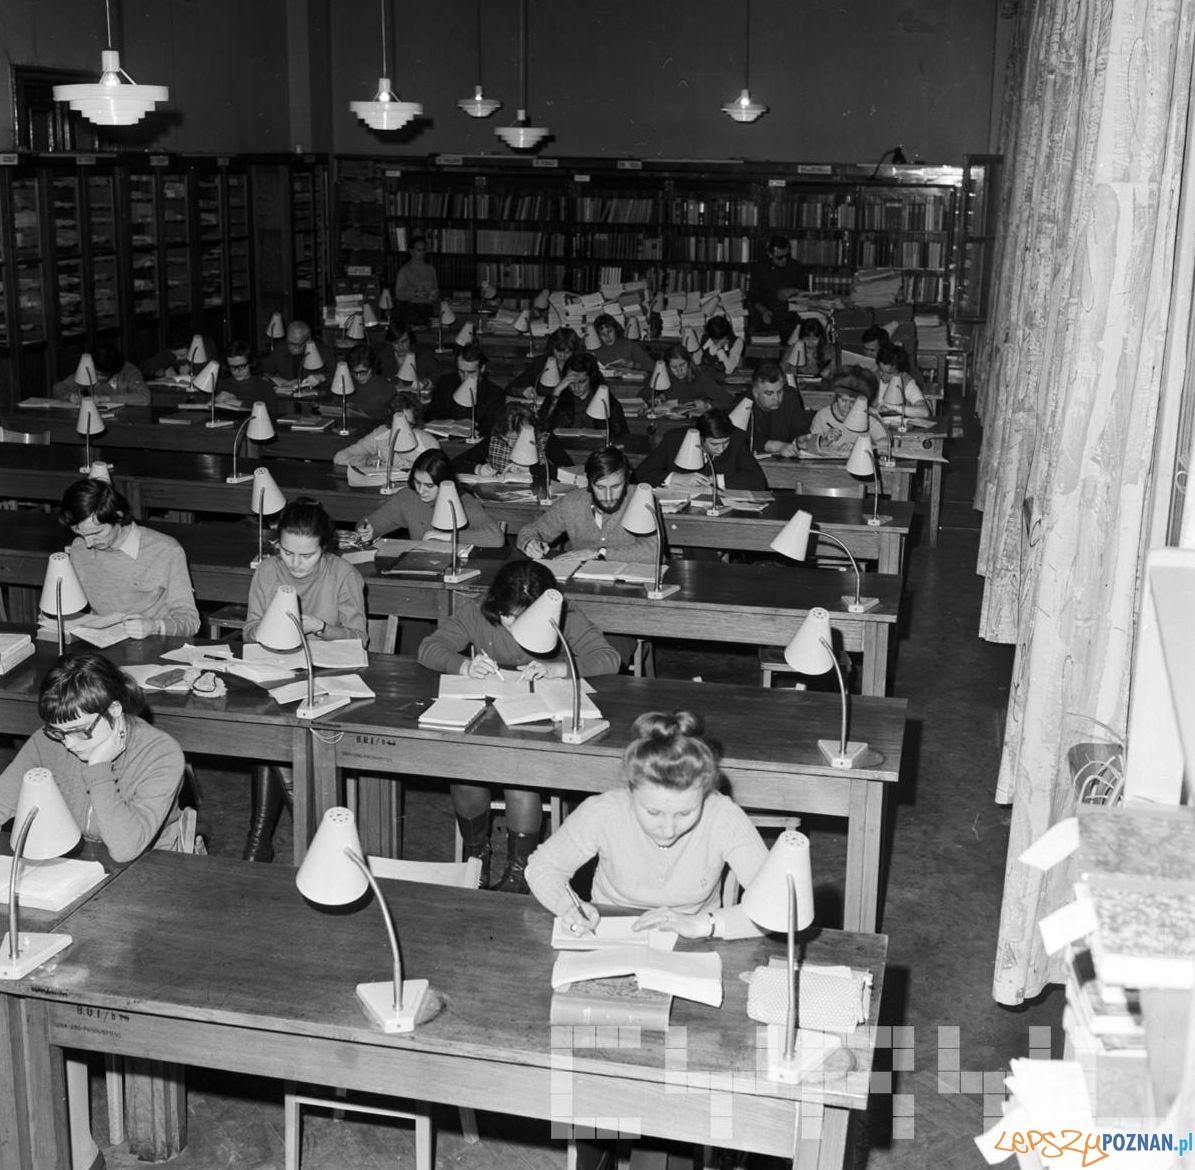 Sesja egzaminacyjna na Uniwersytecie Adama Mickiewicza - 17.01.1974 - studenci w czytelni  Foto: Stanisław Wiktor / Cyryl